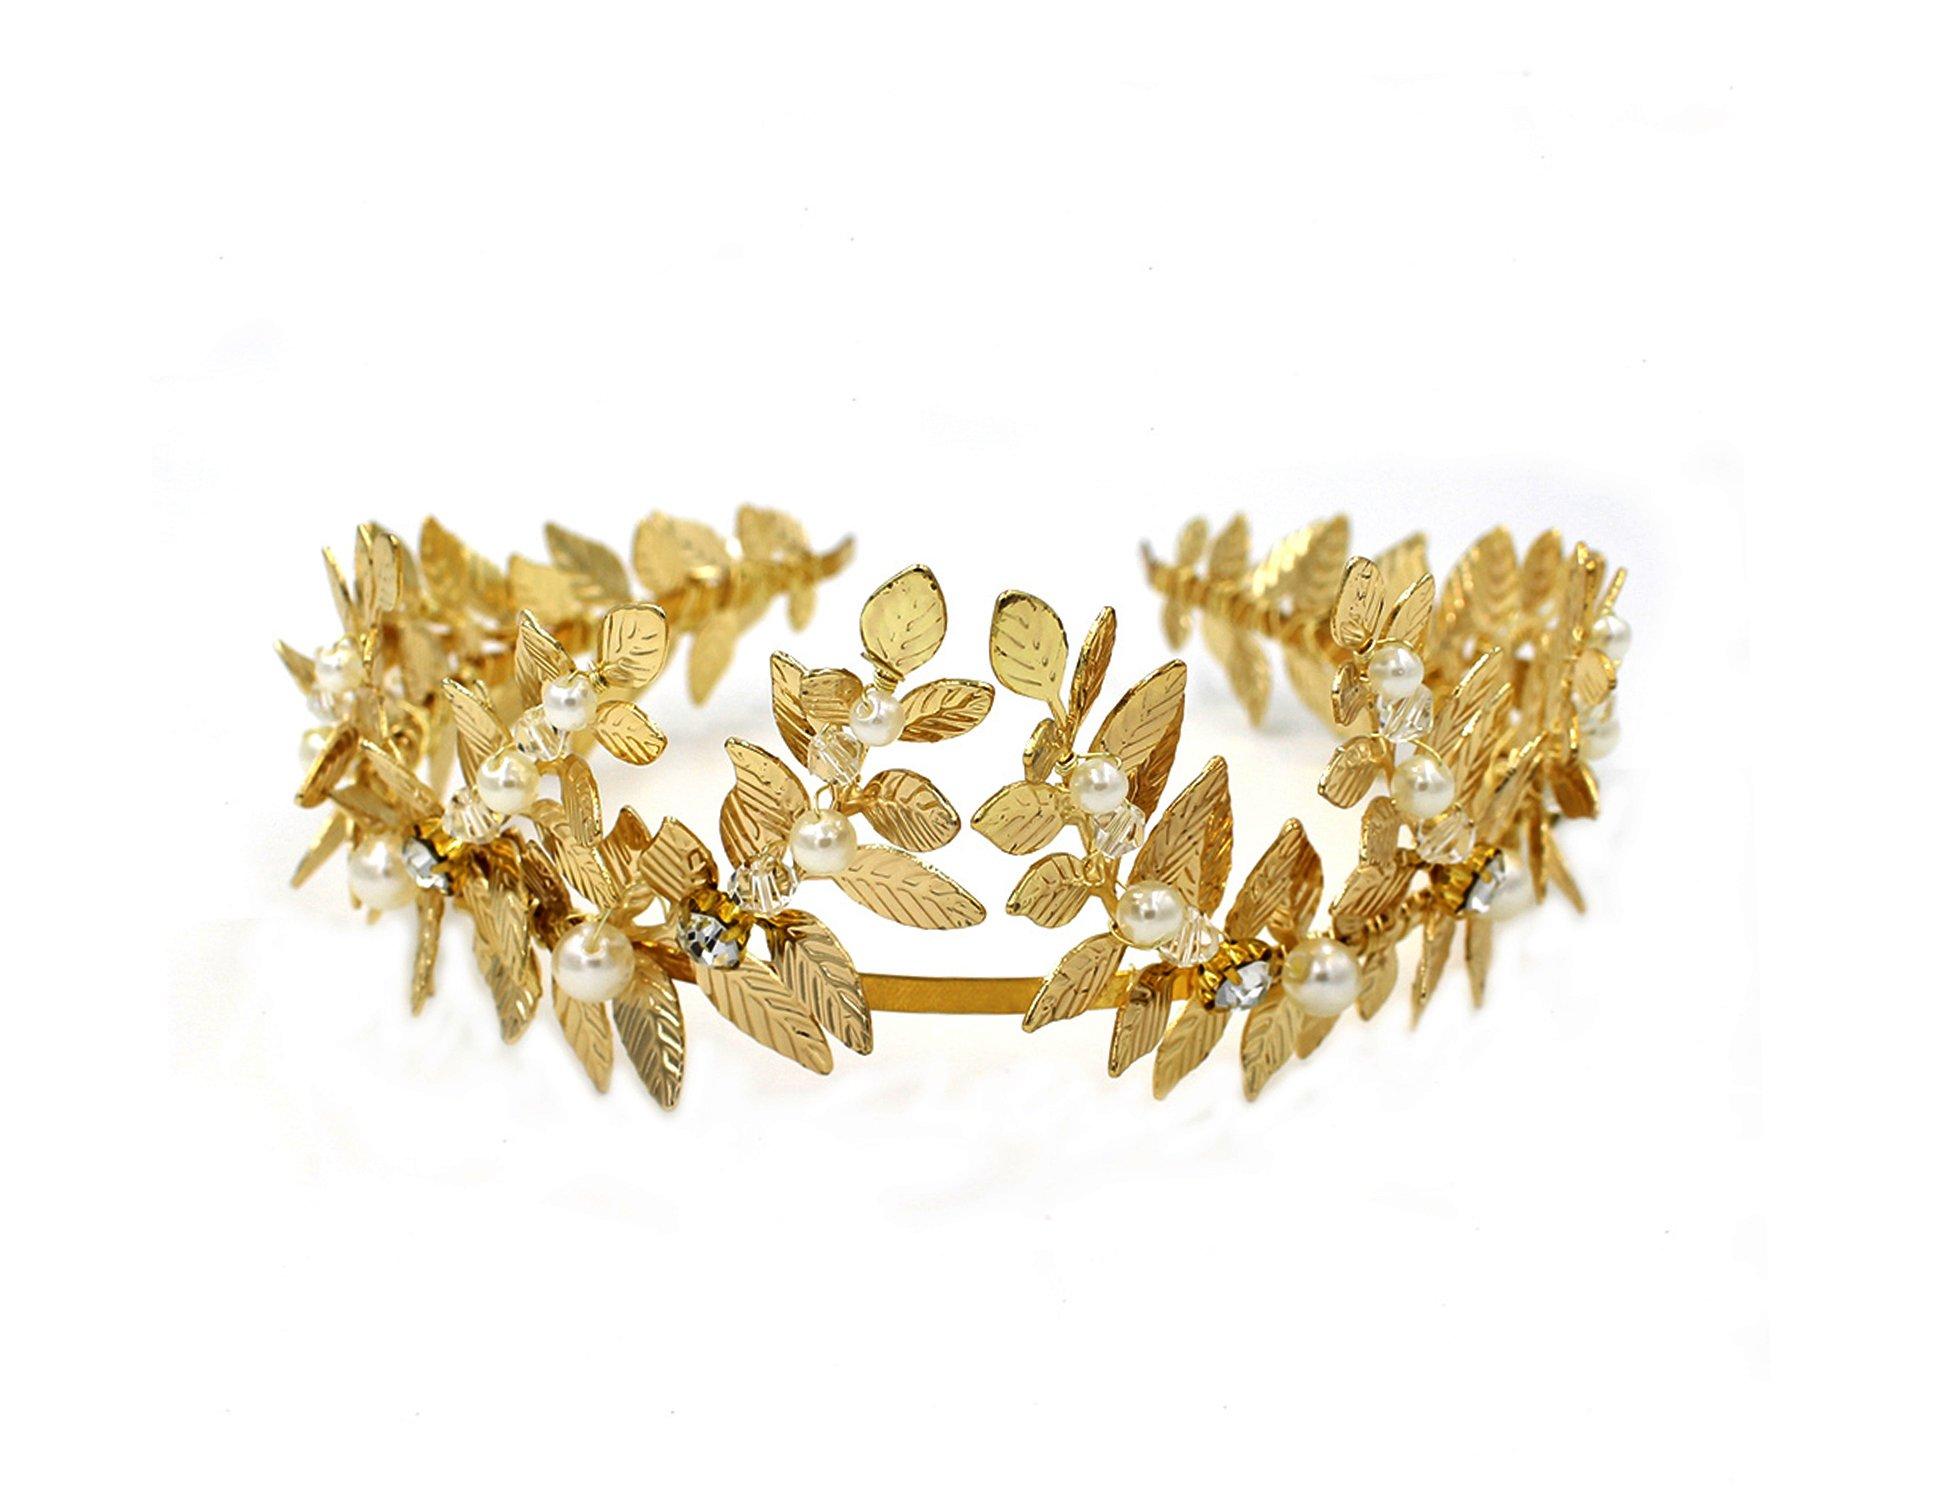 OUMOU Greek/Roman Gold Leaf Crown Headpiece – Bridal Wedding Headband